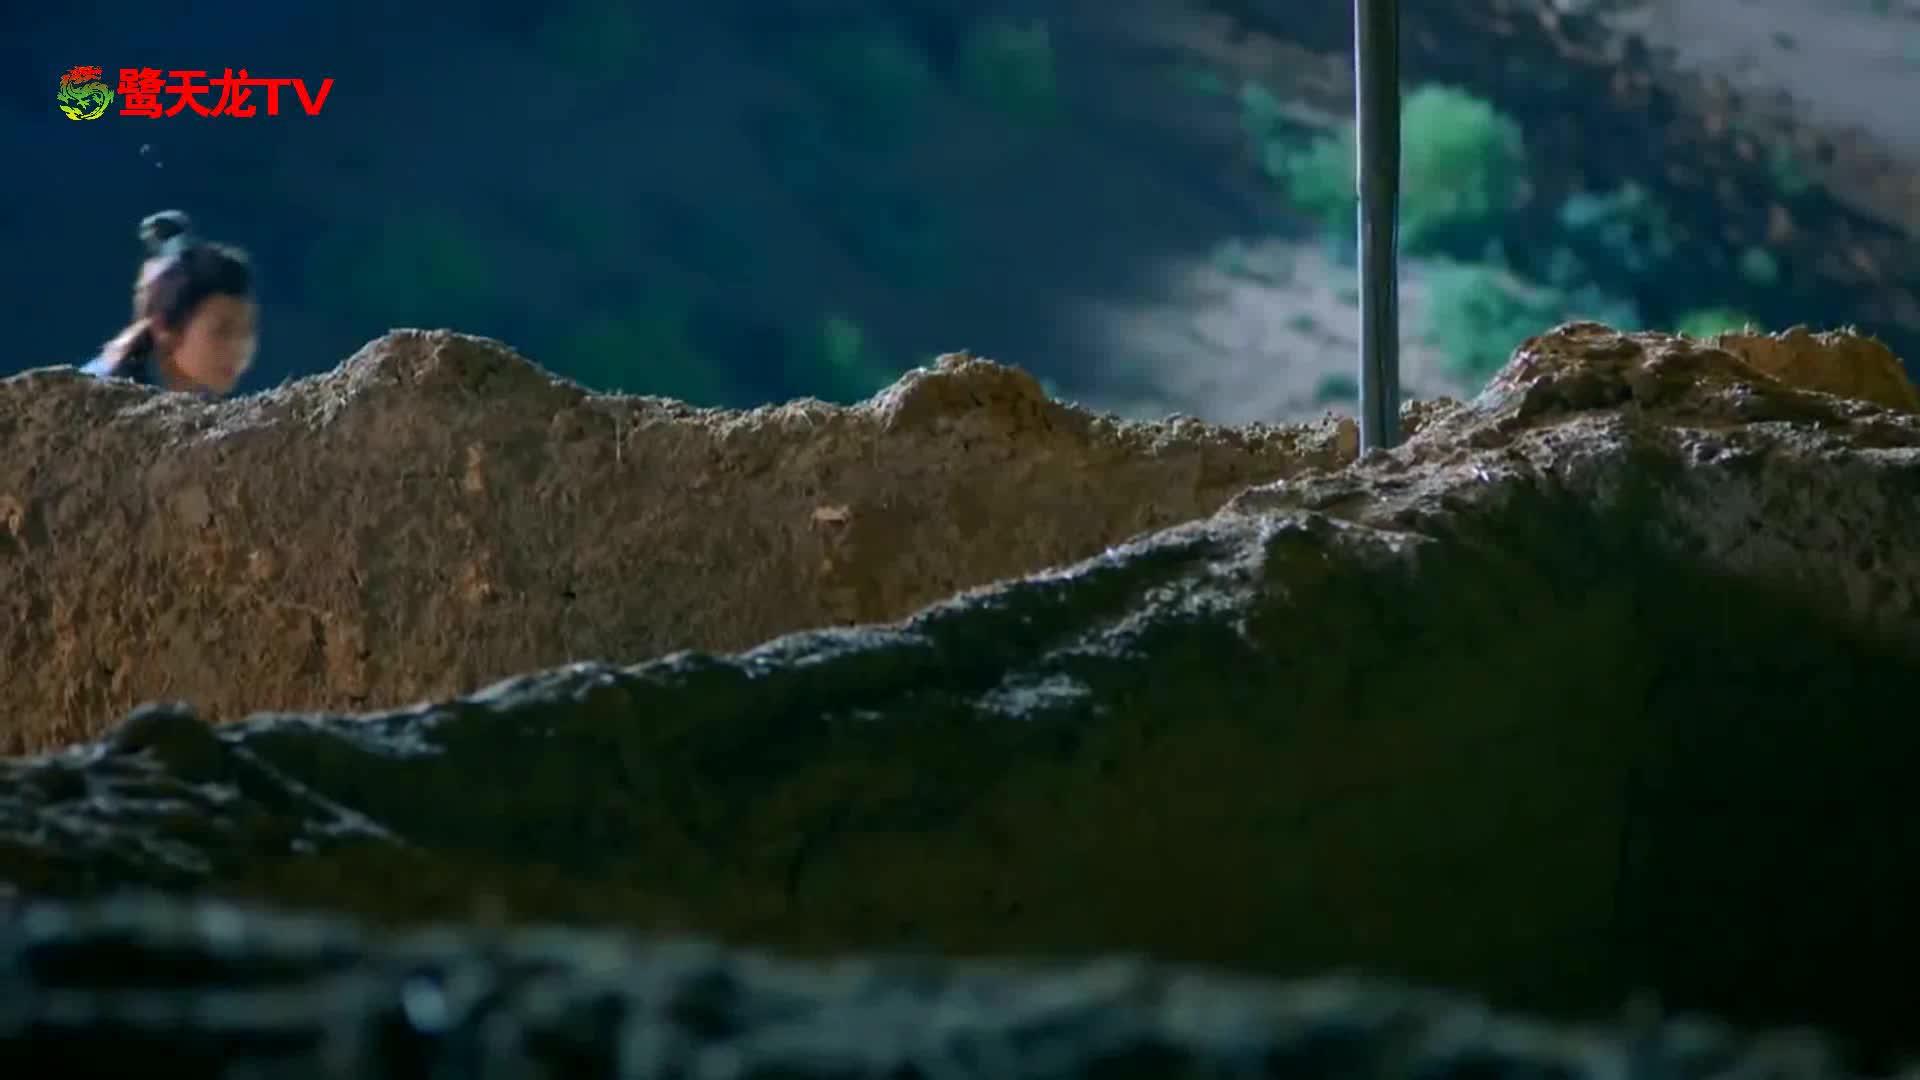 月光宝盒找到了!孙悟空和唐僧沙漠相遇